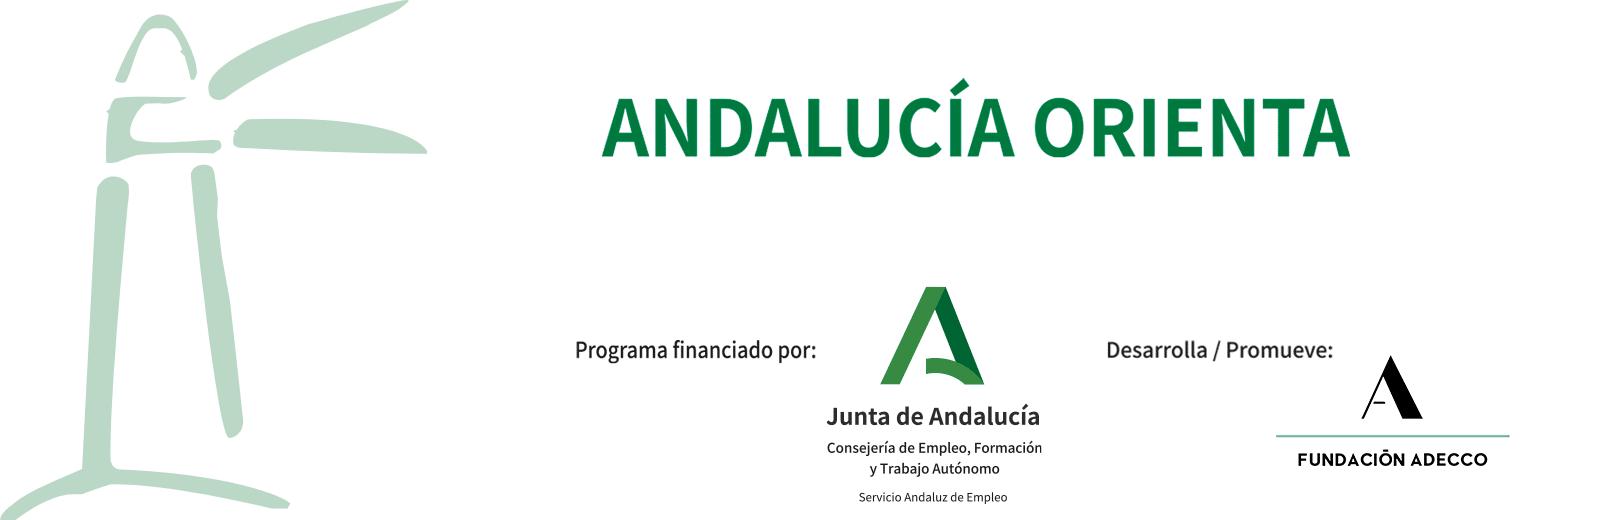 Imagen programa Andalucía Orienta con logo de la Junta de Andalucía y logo de la Fundación Adecco